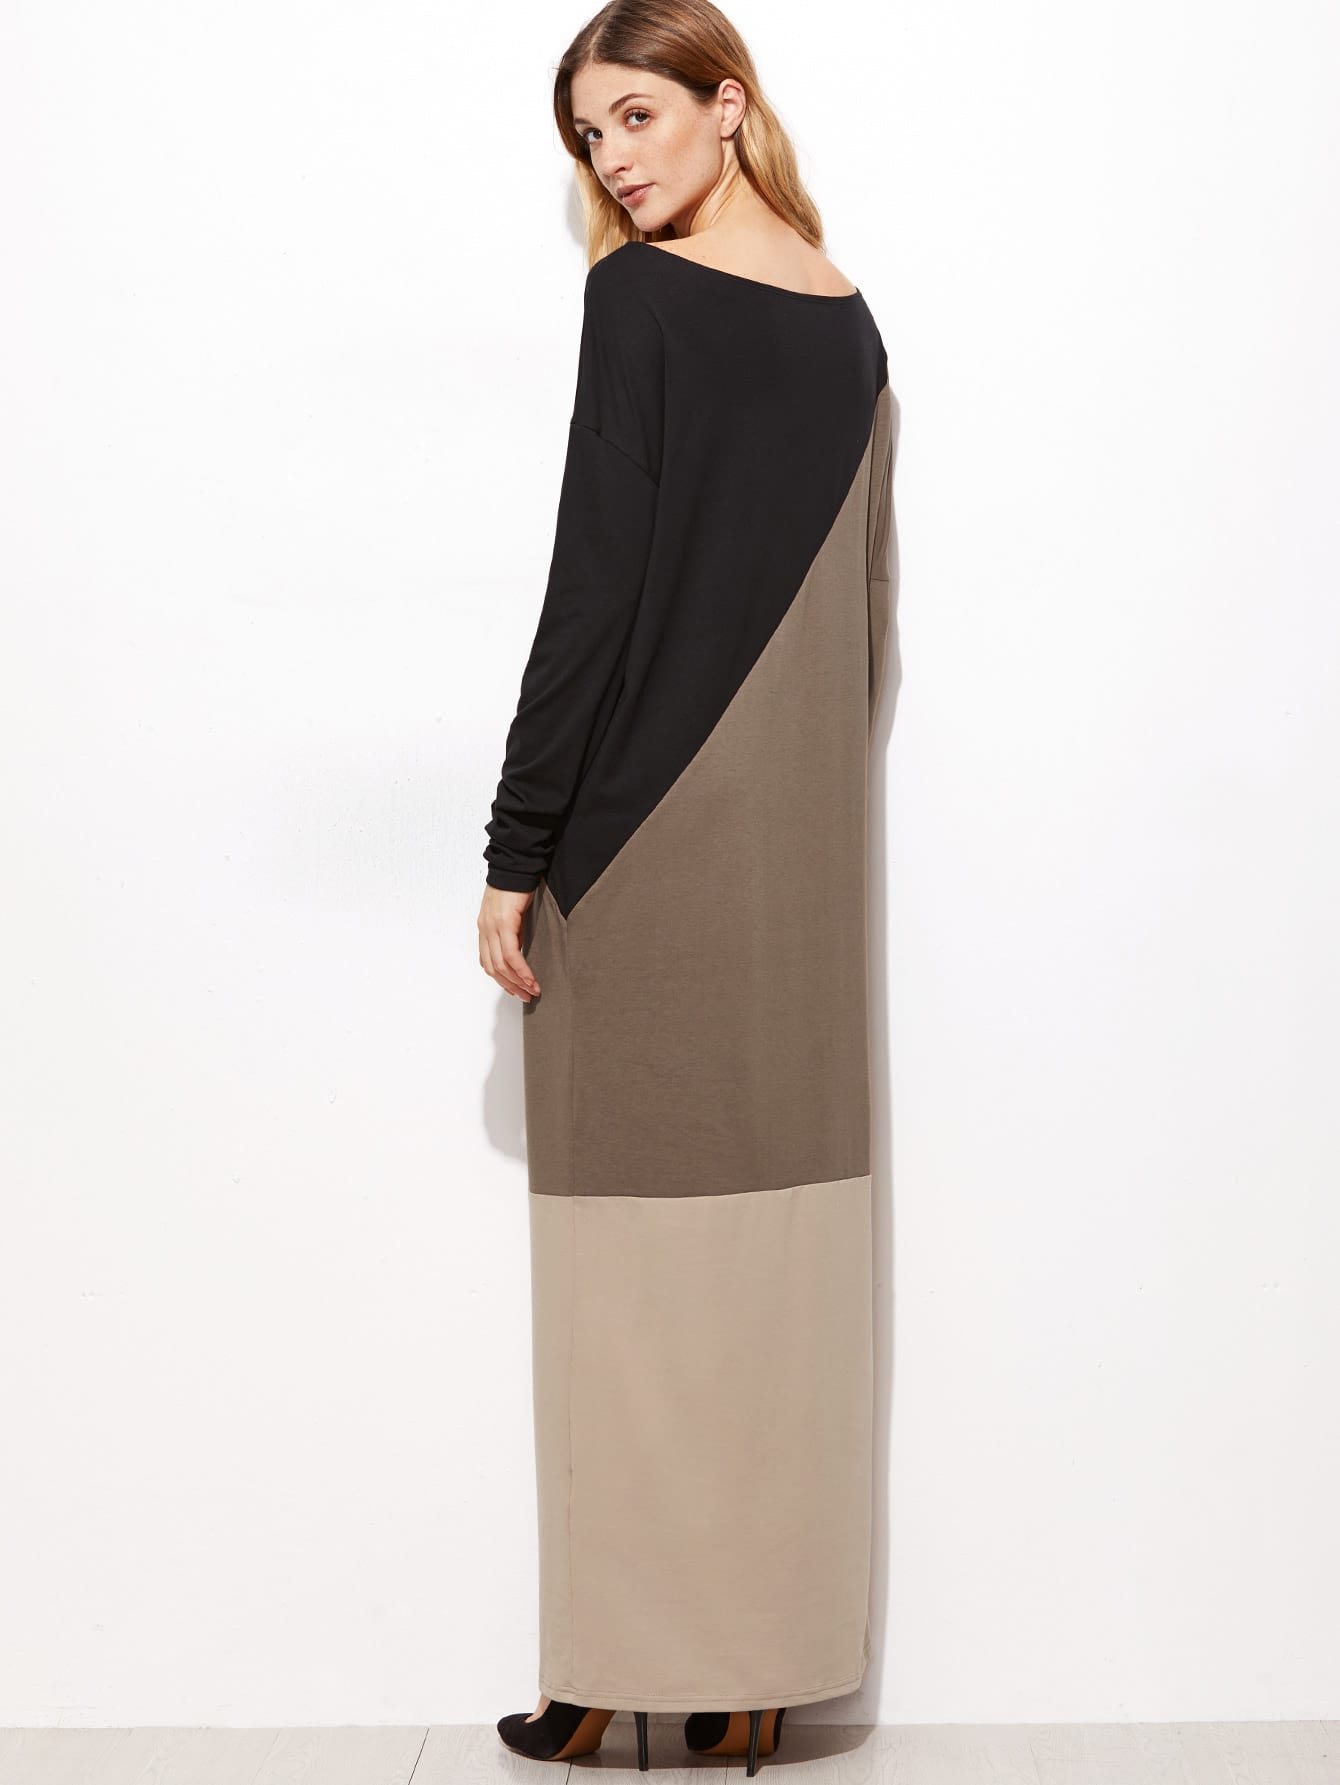 dress161026707_2